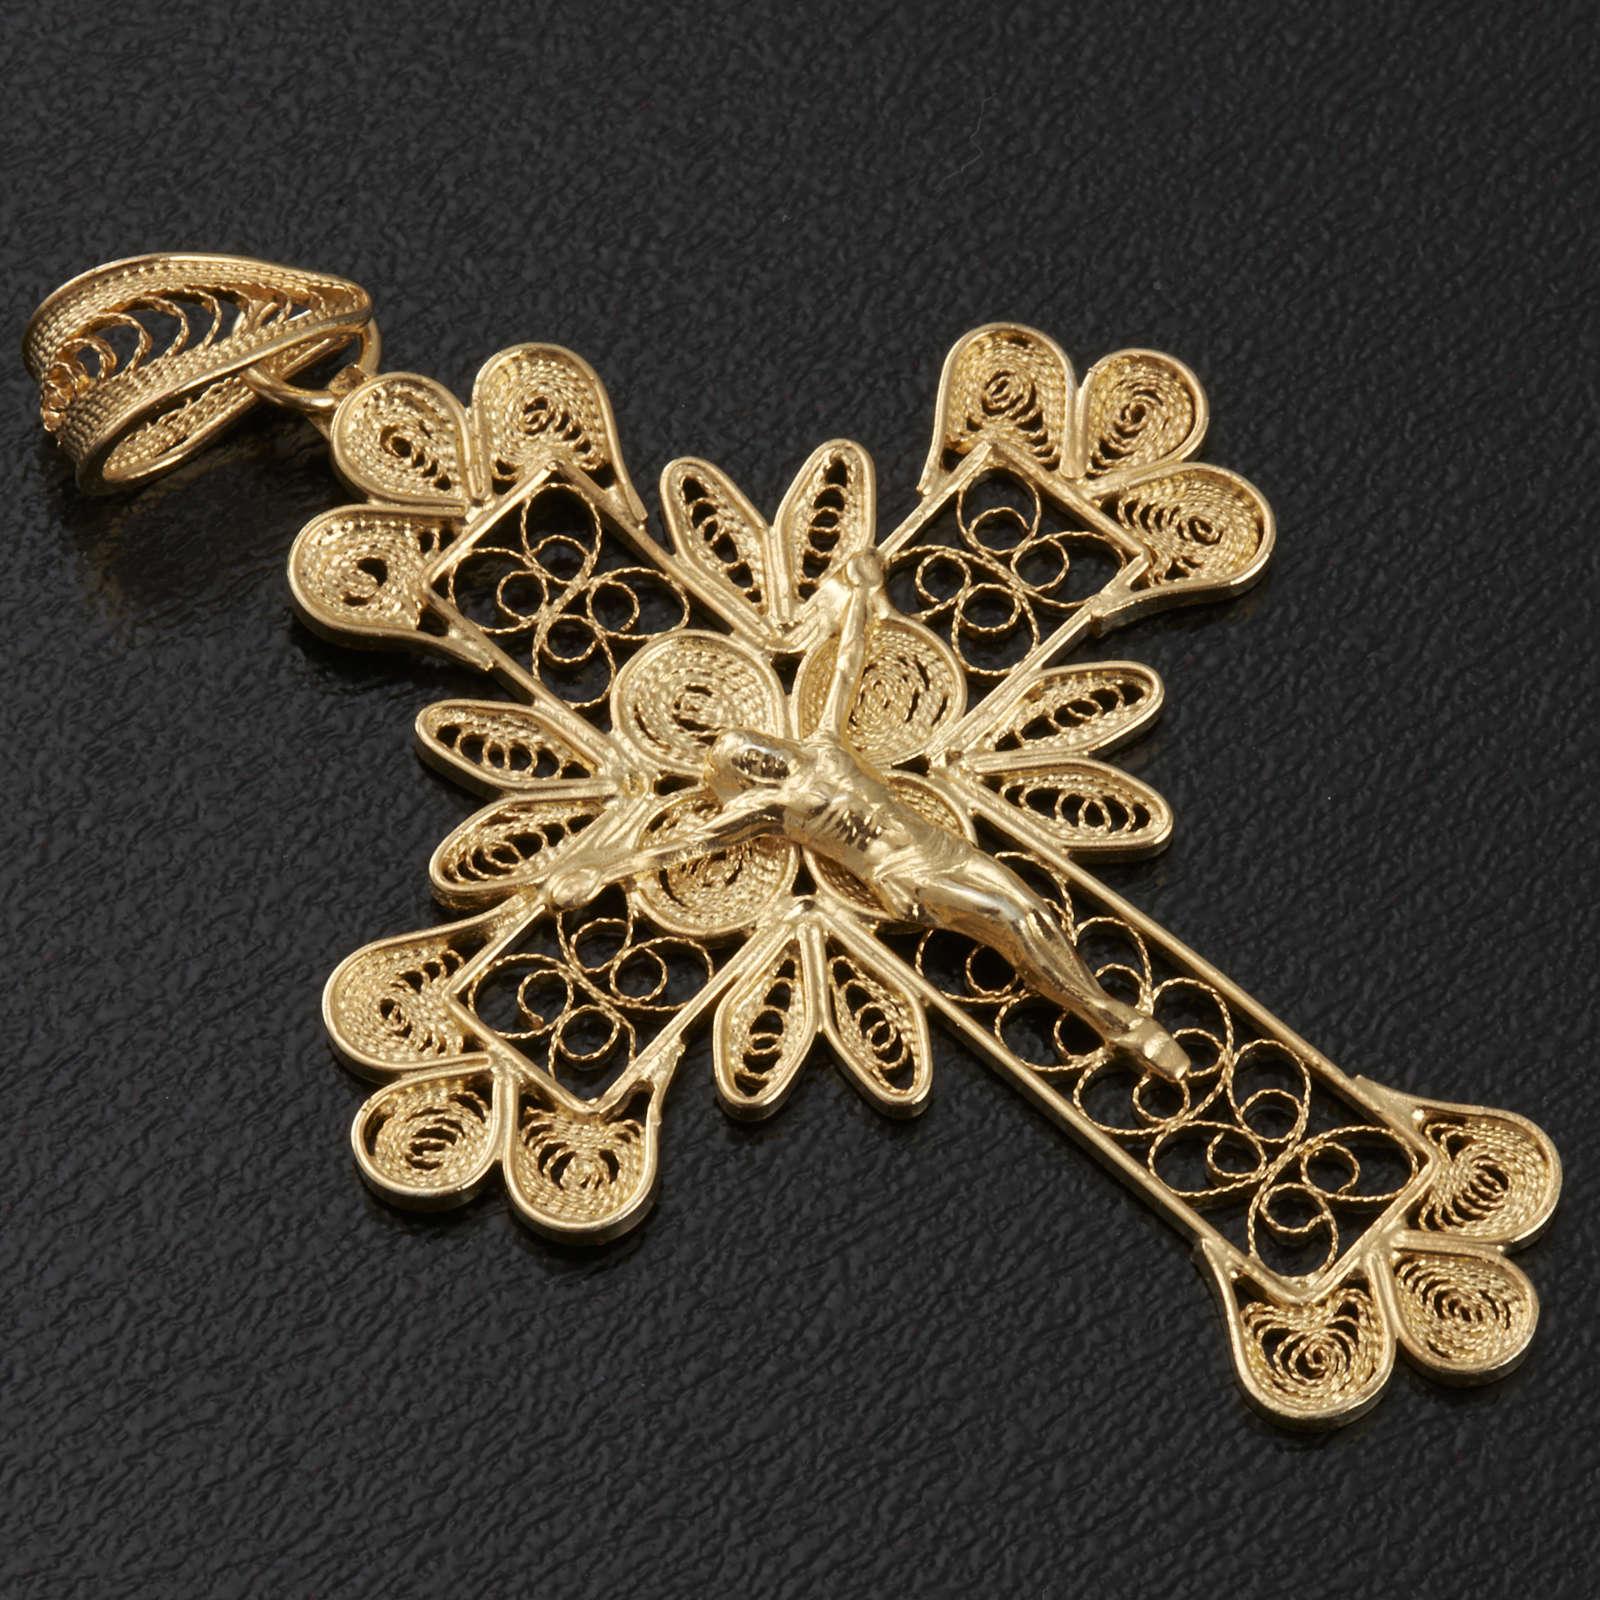 Pendente croce argento 800 filigrana bagno oro - gr. 3.5 4